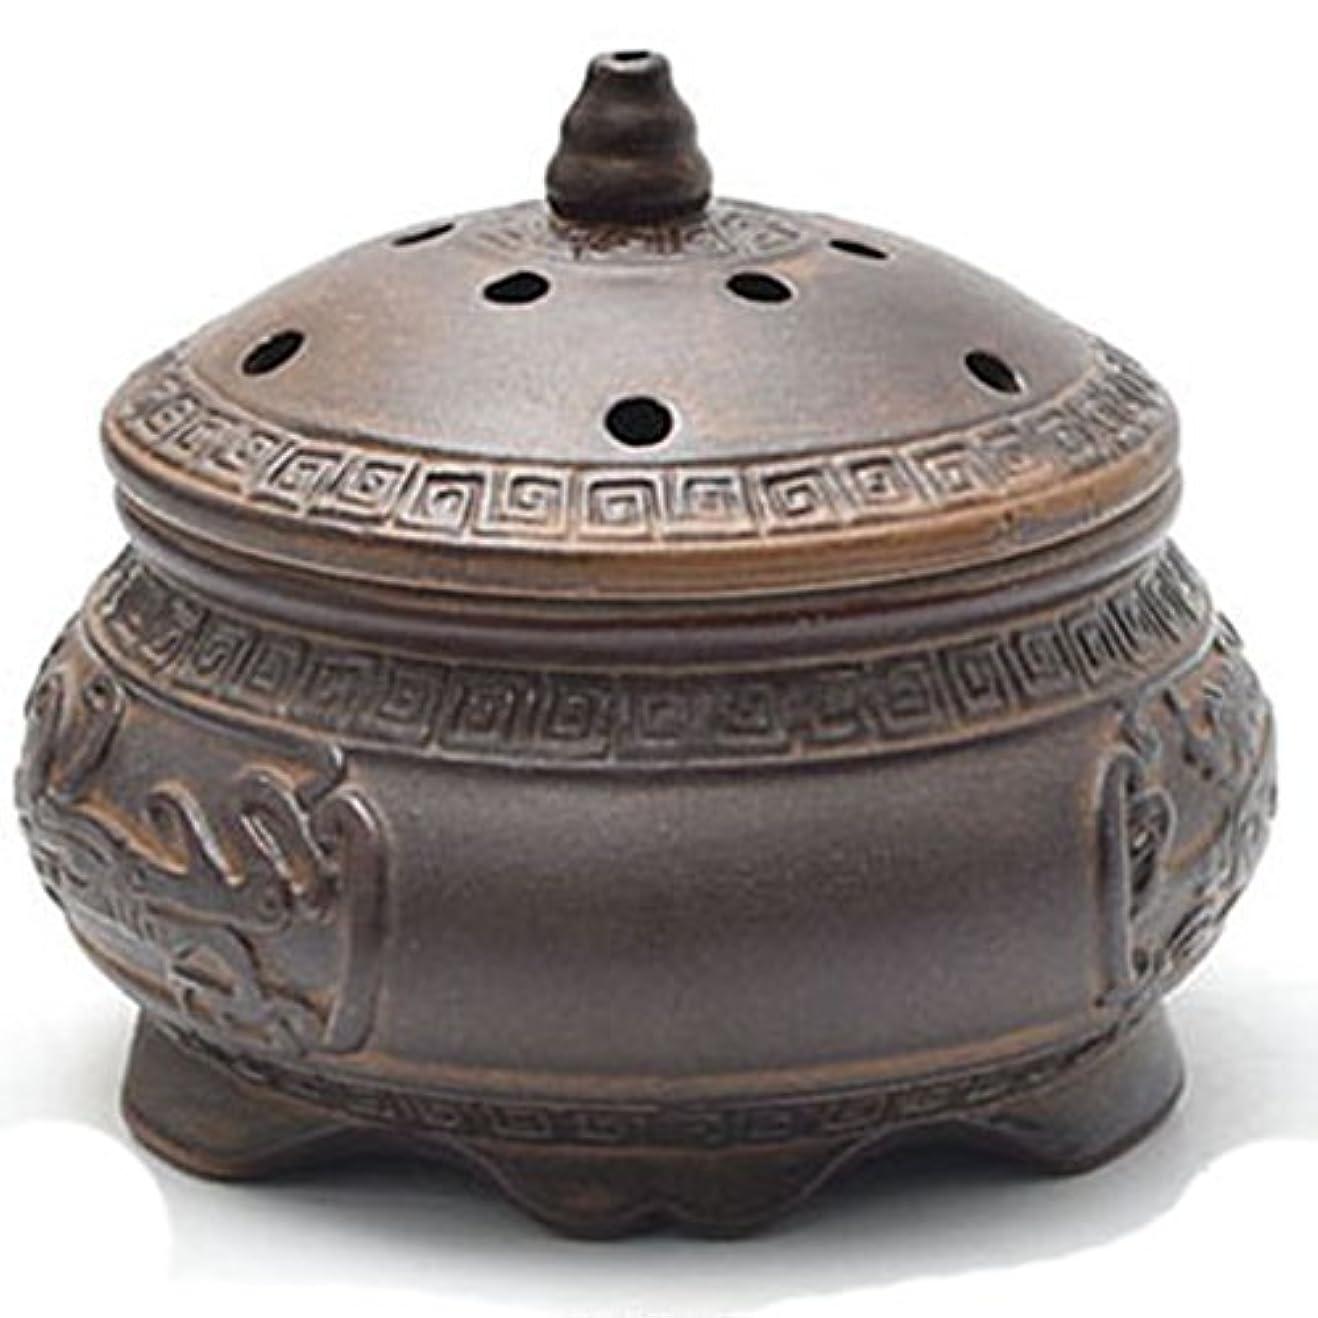 成熟構成員貴重な(ラシューバー) Lasuiveur 香炉 線香立て 香立て 職人さんの手作り 茶道用品 おしゃれ